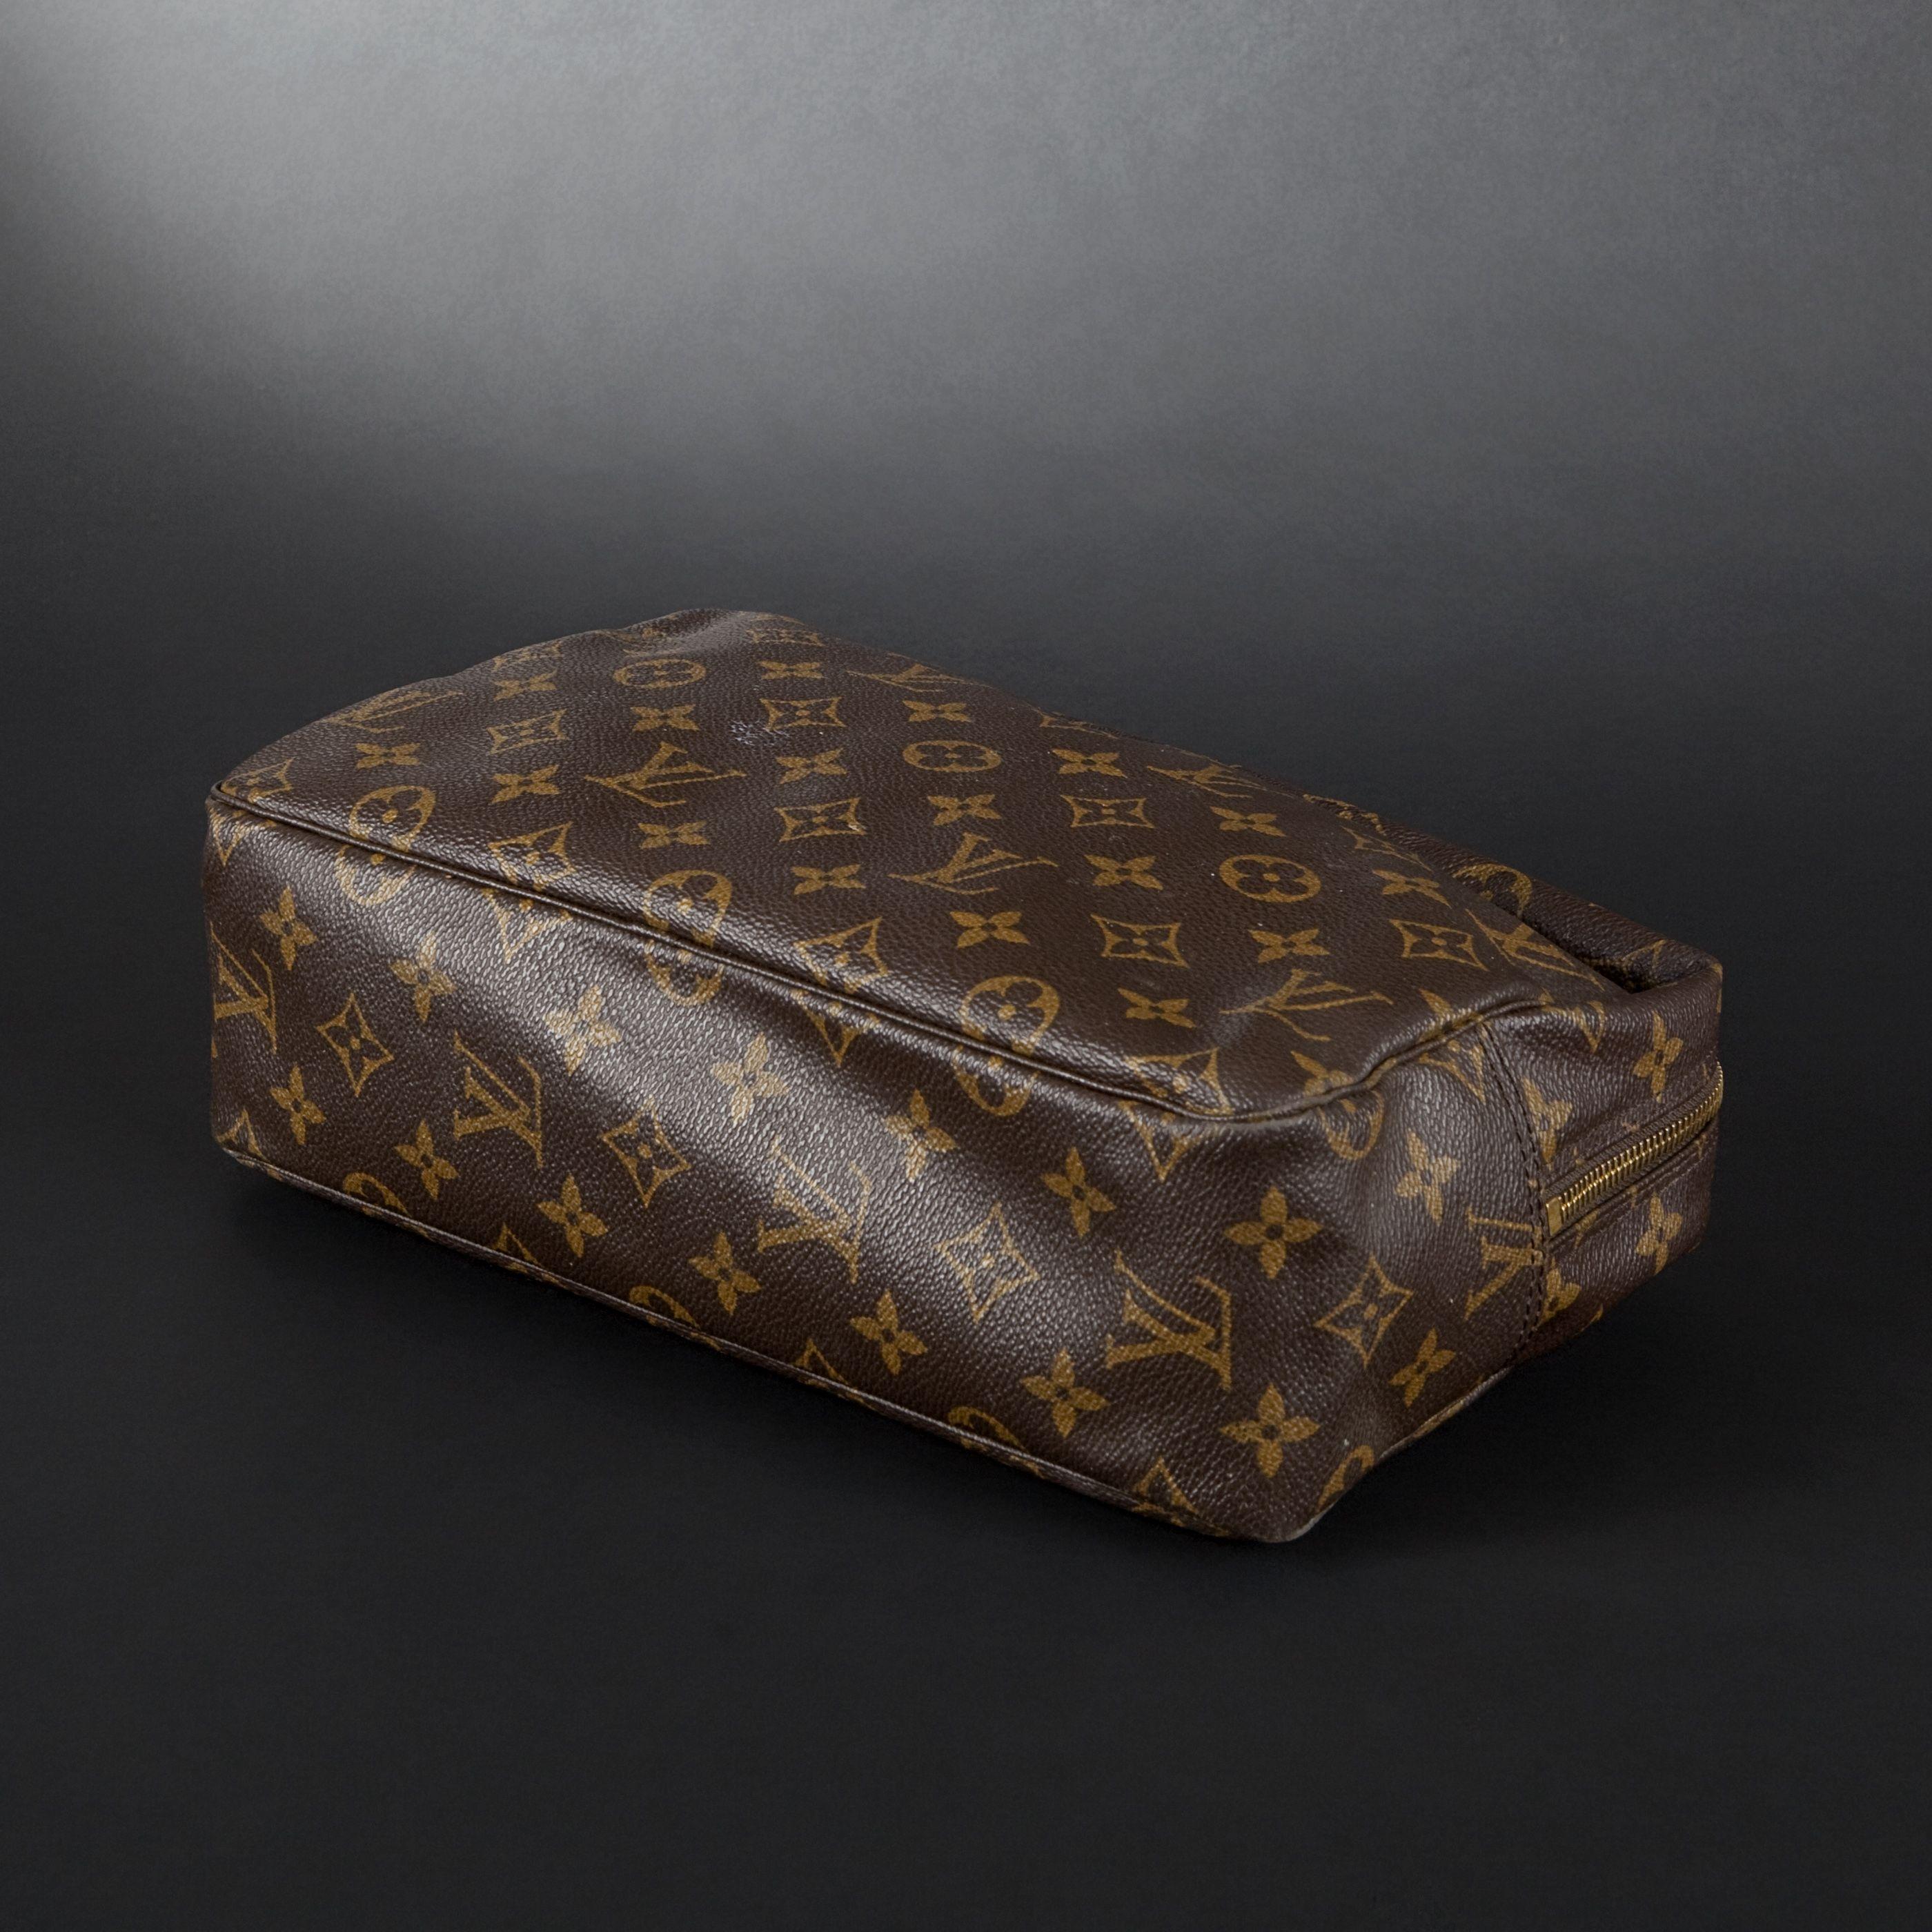 Louis Vuitton. Trousse De Toilette En Cuir - 2013050024 concernant Trousse De Toilette Louis Vuitton